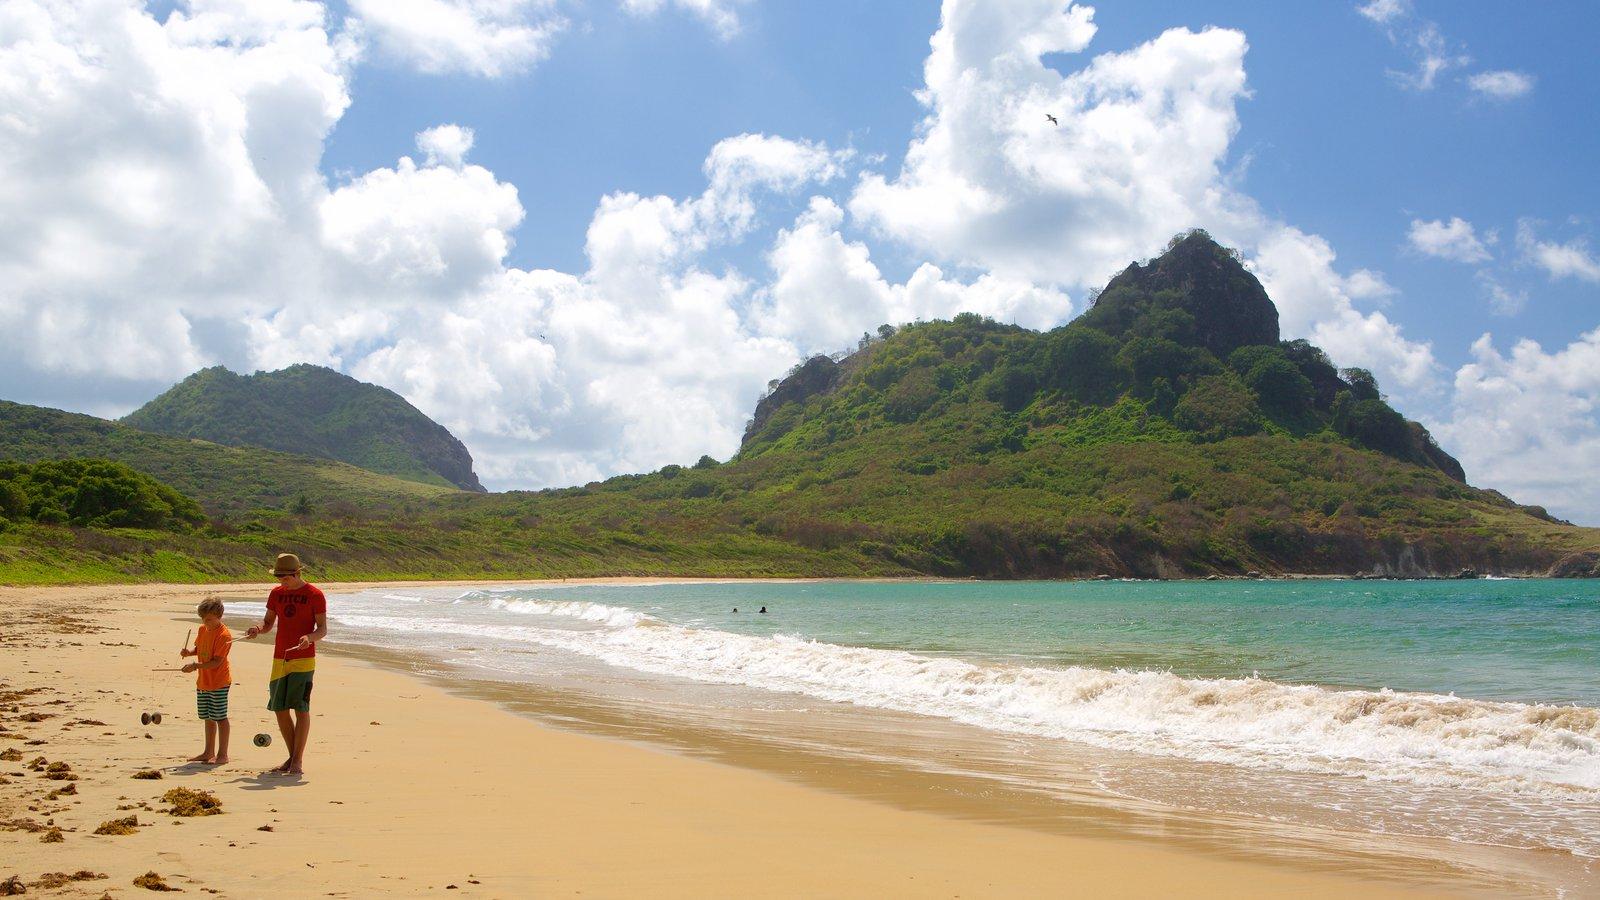 Praia do Sueste caracterizando montanhas, paisagens litorâneas e uma praia